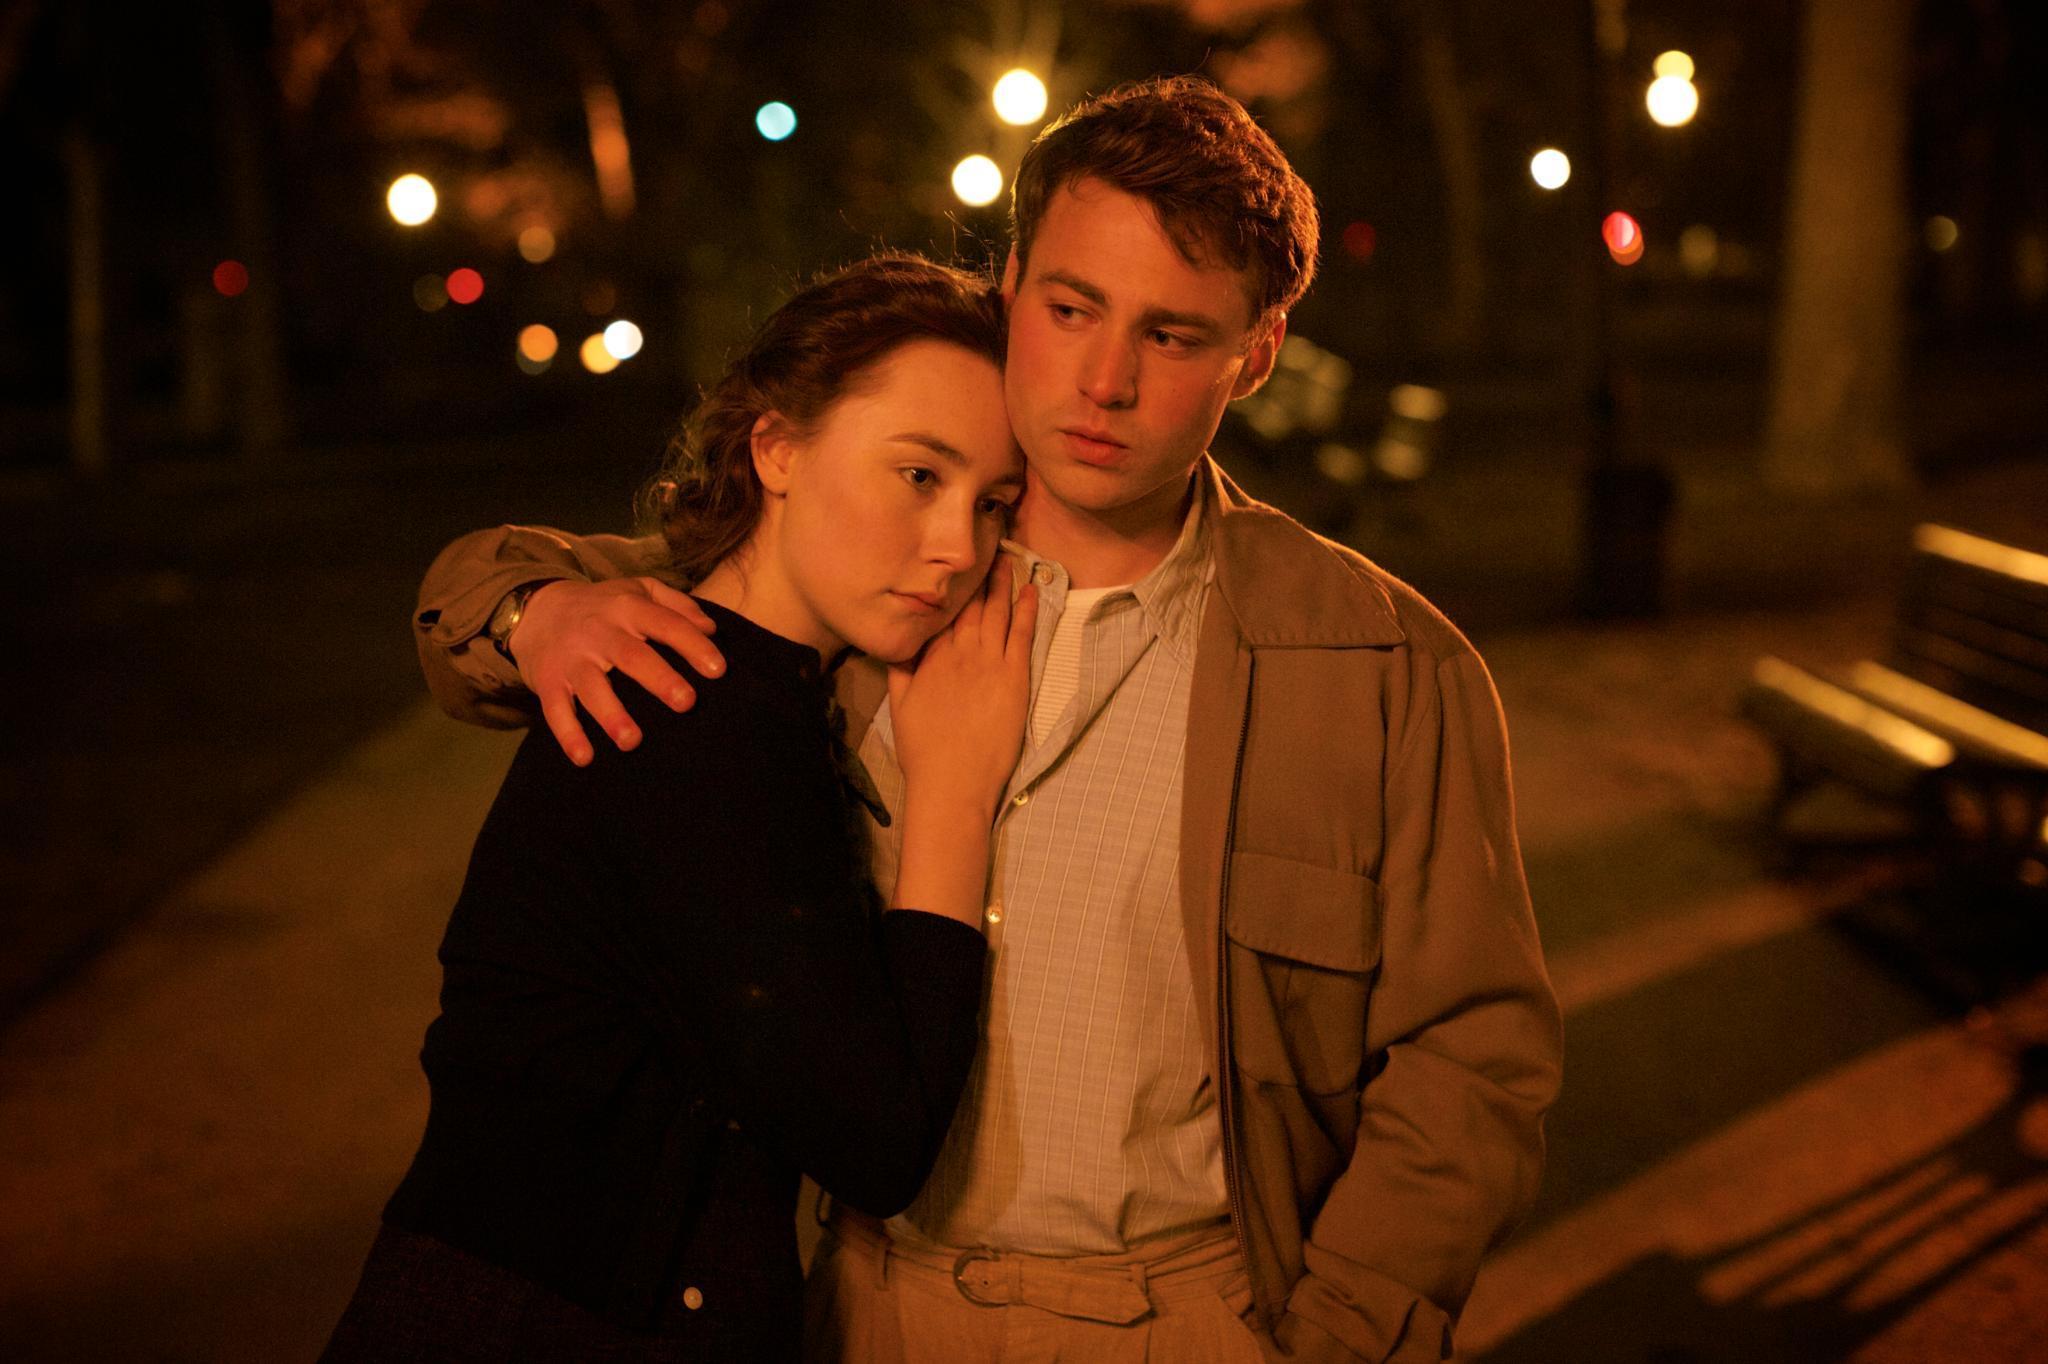 Eilis (Saoirse Ronan) und Tony (Emory Cohen) müssen eine harte Belastungsprobe überstehen